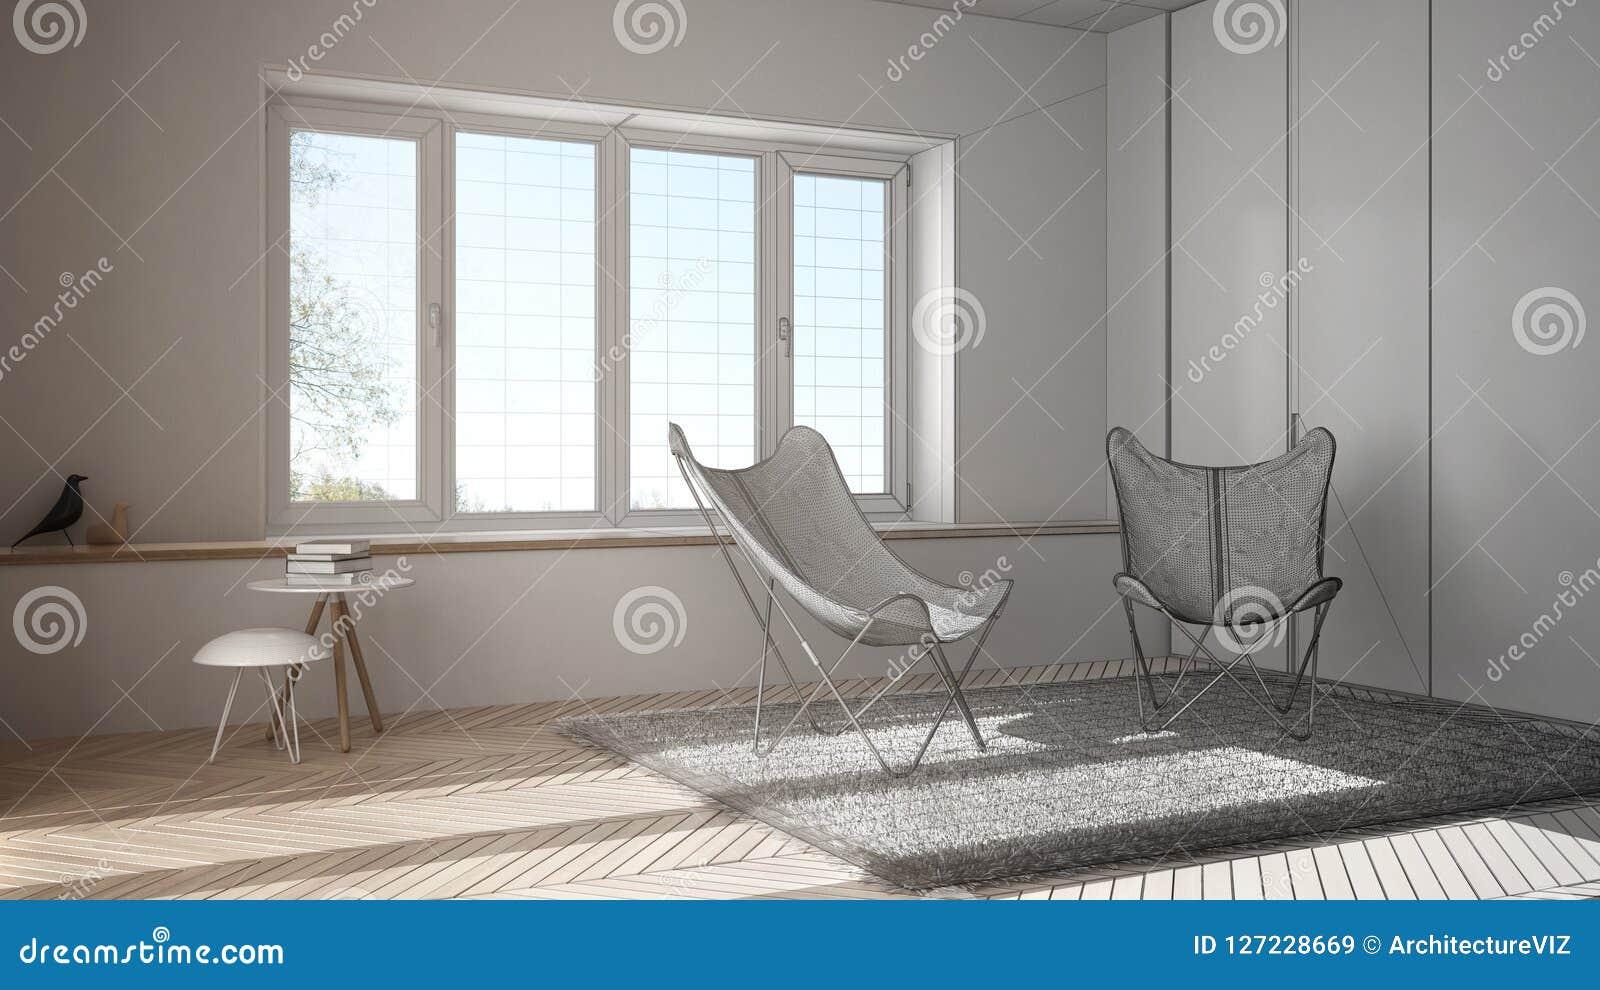 Design de interiores inacabado do esboço do projeto, sala de visitas mínima com tapete da poltrona, assoalho de parquet e janela